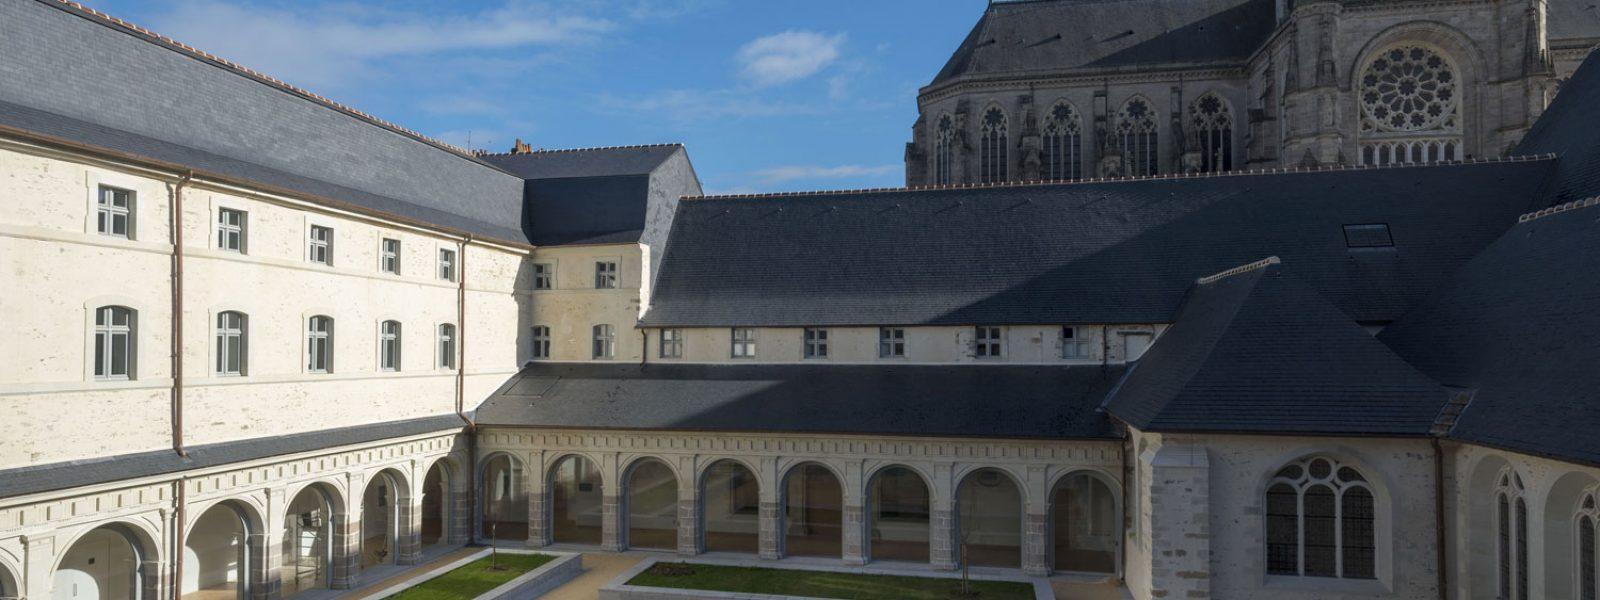 Le Couvent des Jacobins, Centre des Congrès de Rennes Métropole